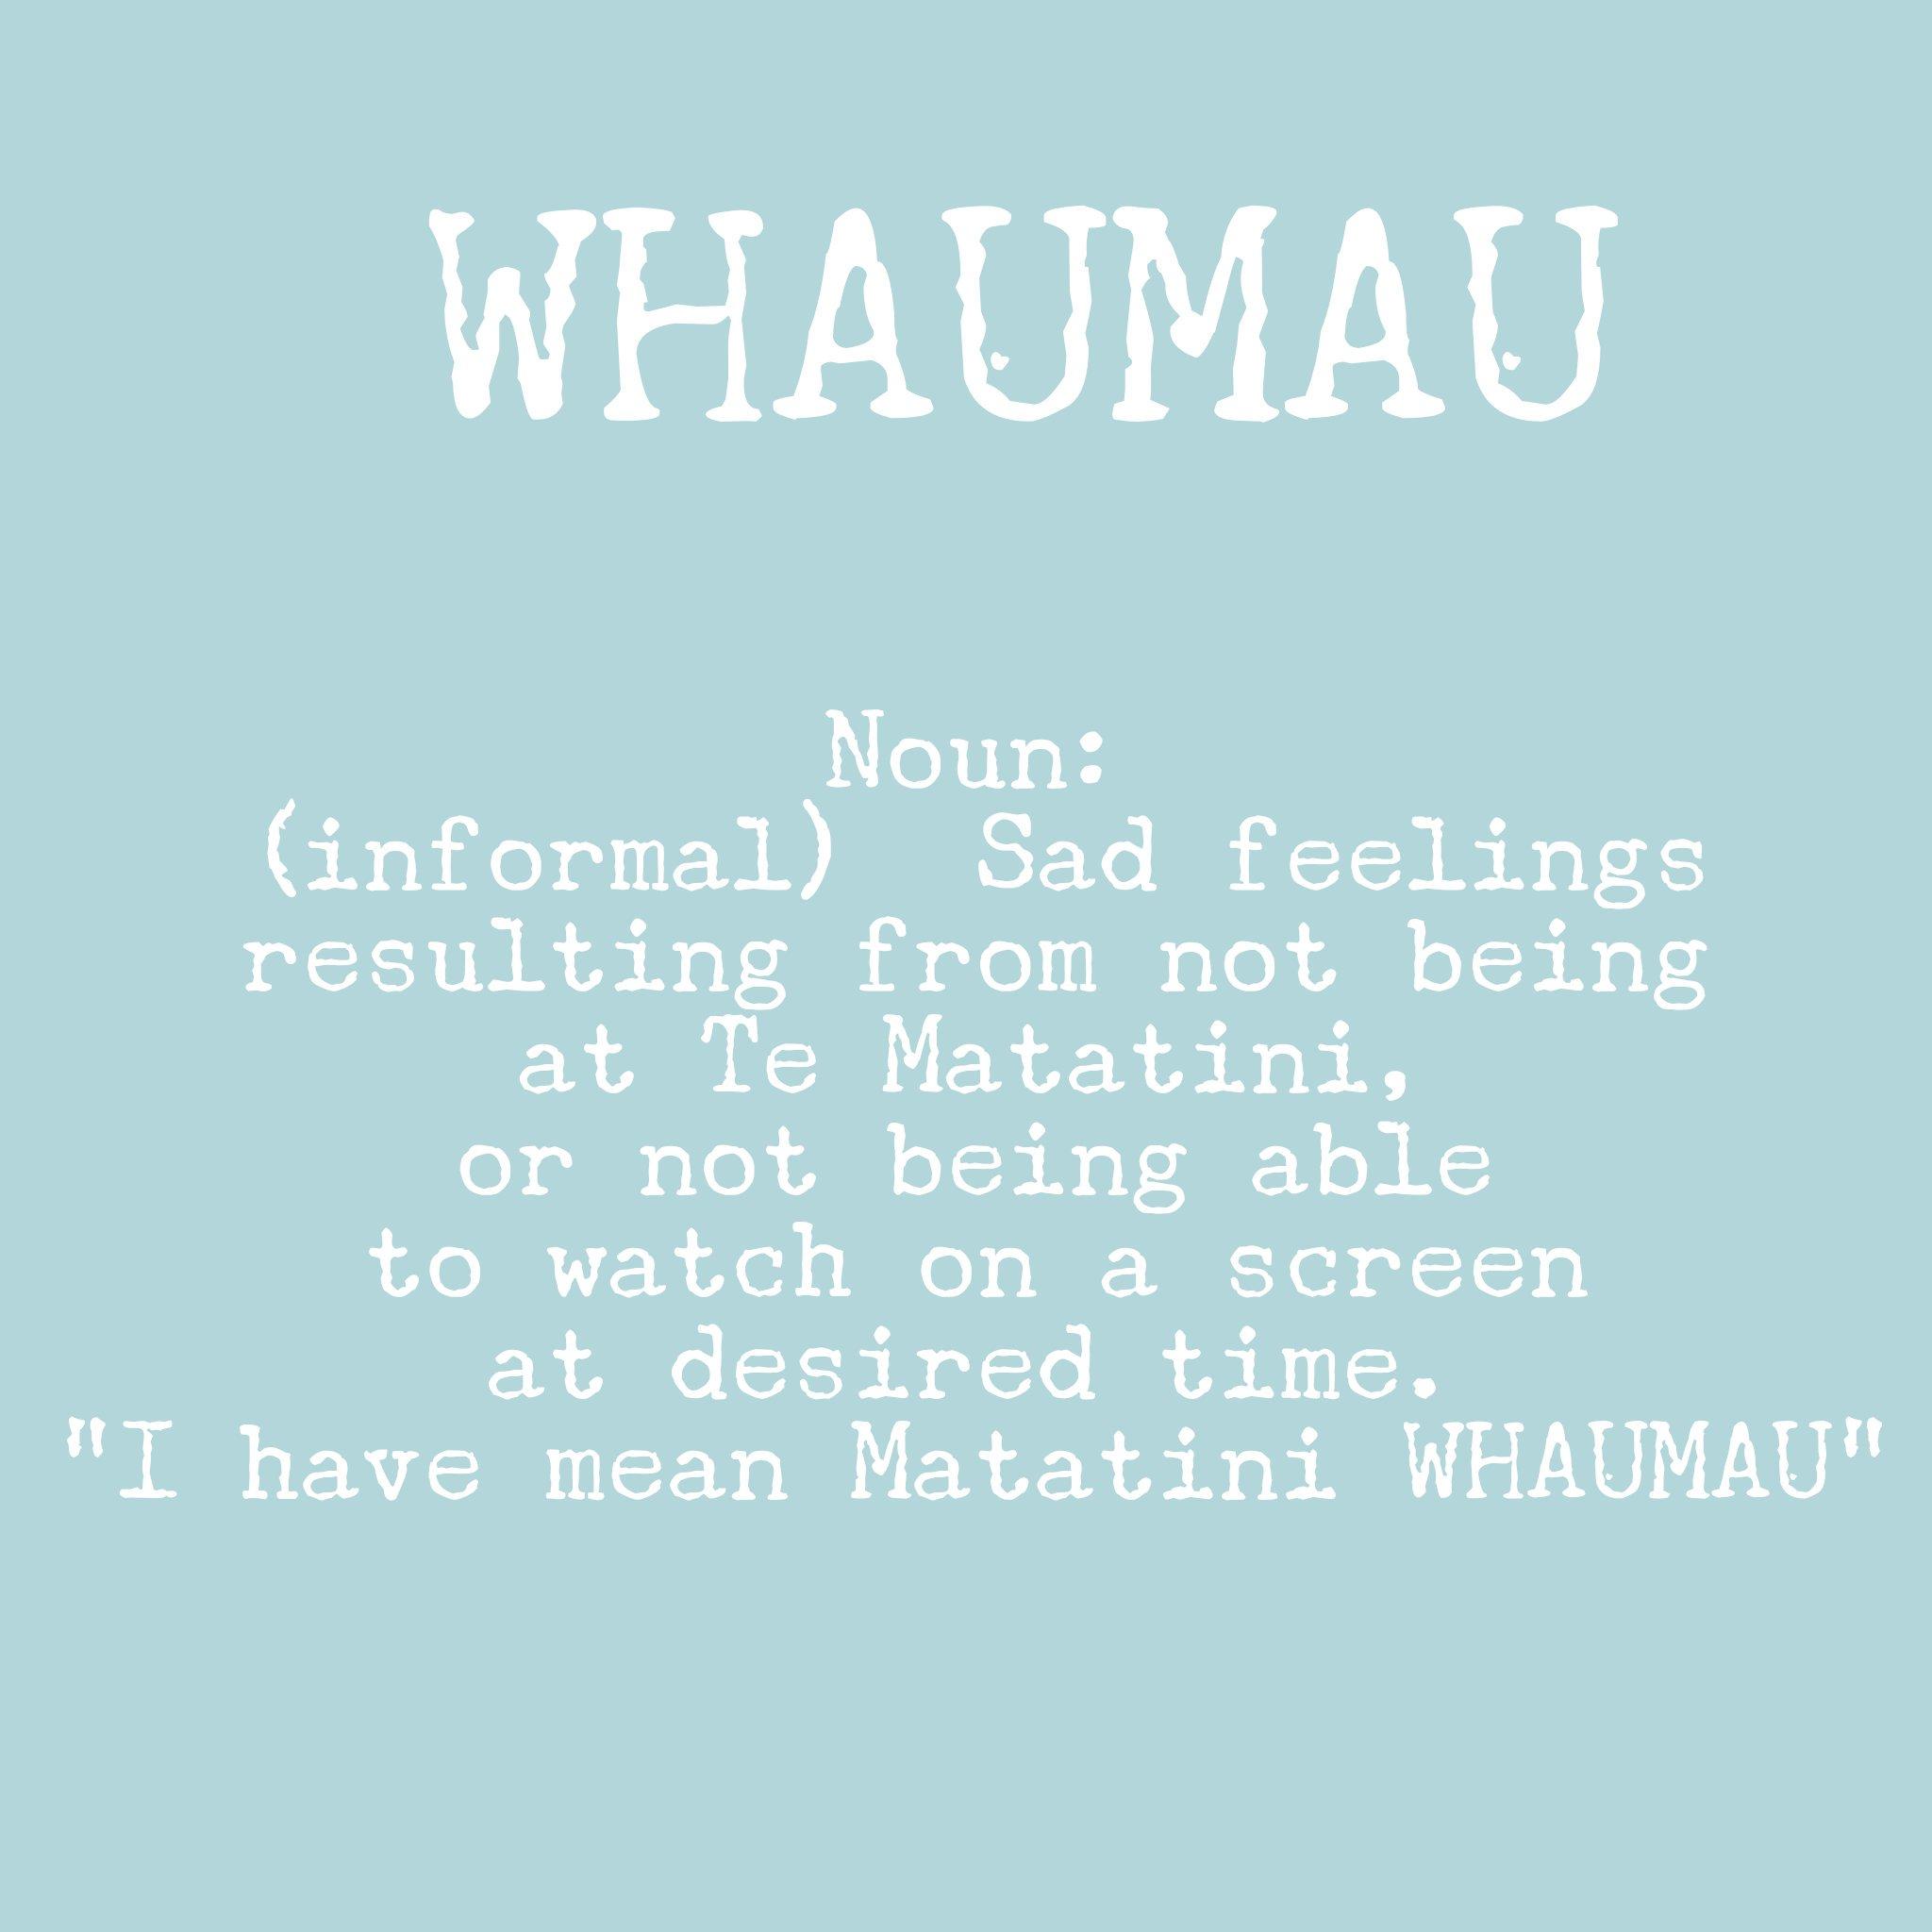 Ok it's not a word.. But it's word play in Te reo Māori 😬 https://t.co/gNN0aSw08Y